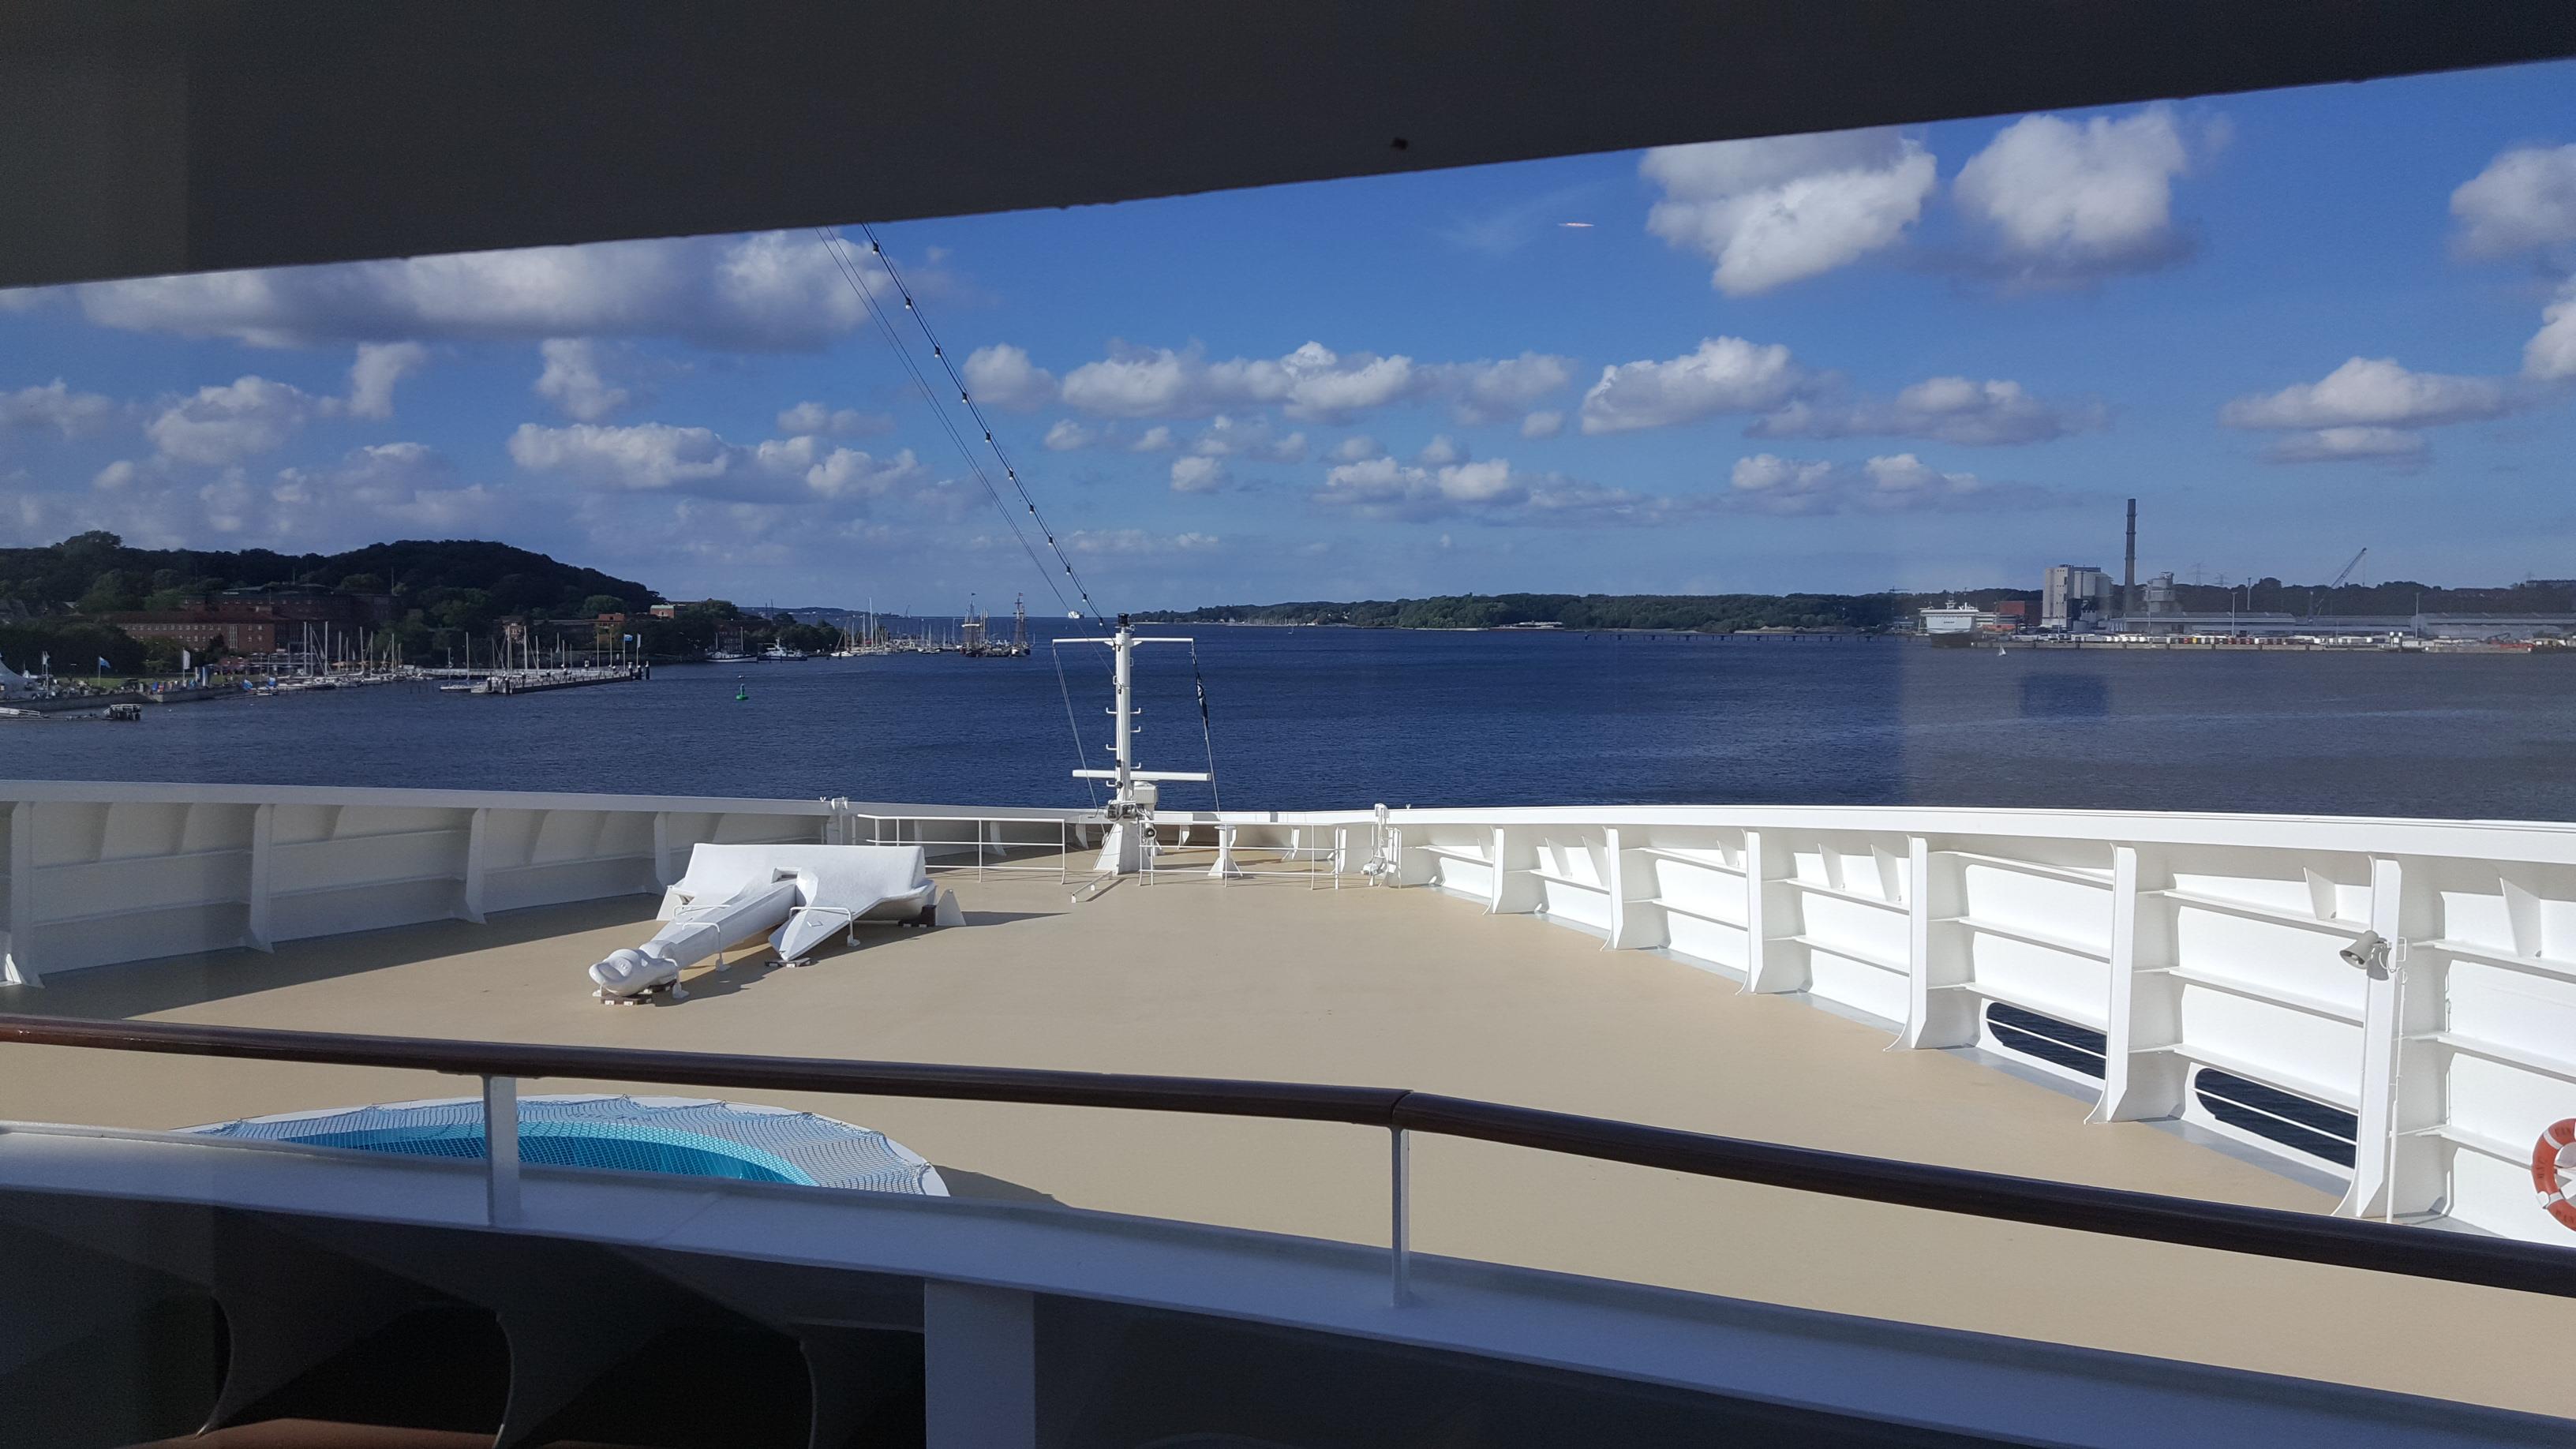 bateau le plus cher du monde top bateau le plus cher du monde with bateau le plus cher du monde. Black Bedroom Furniture Sets. Home Design Ideas